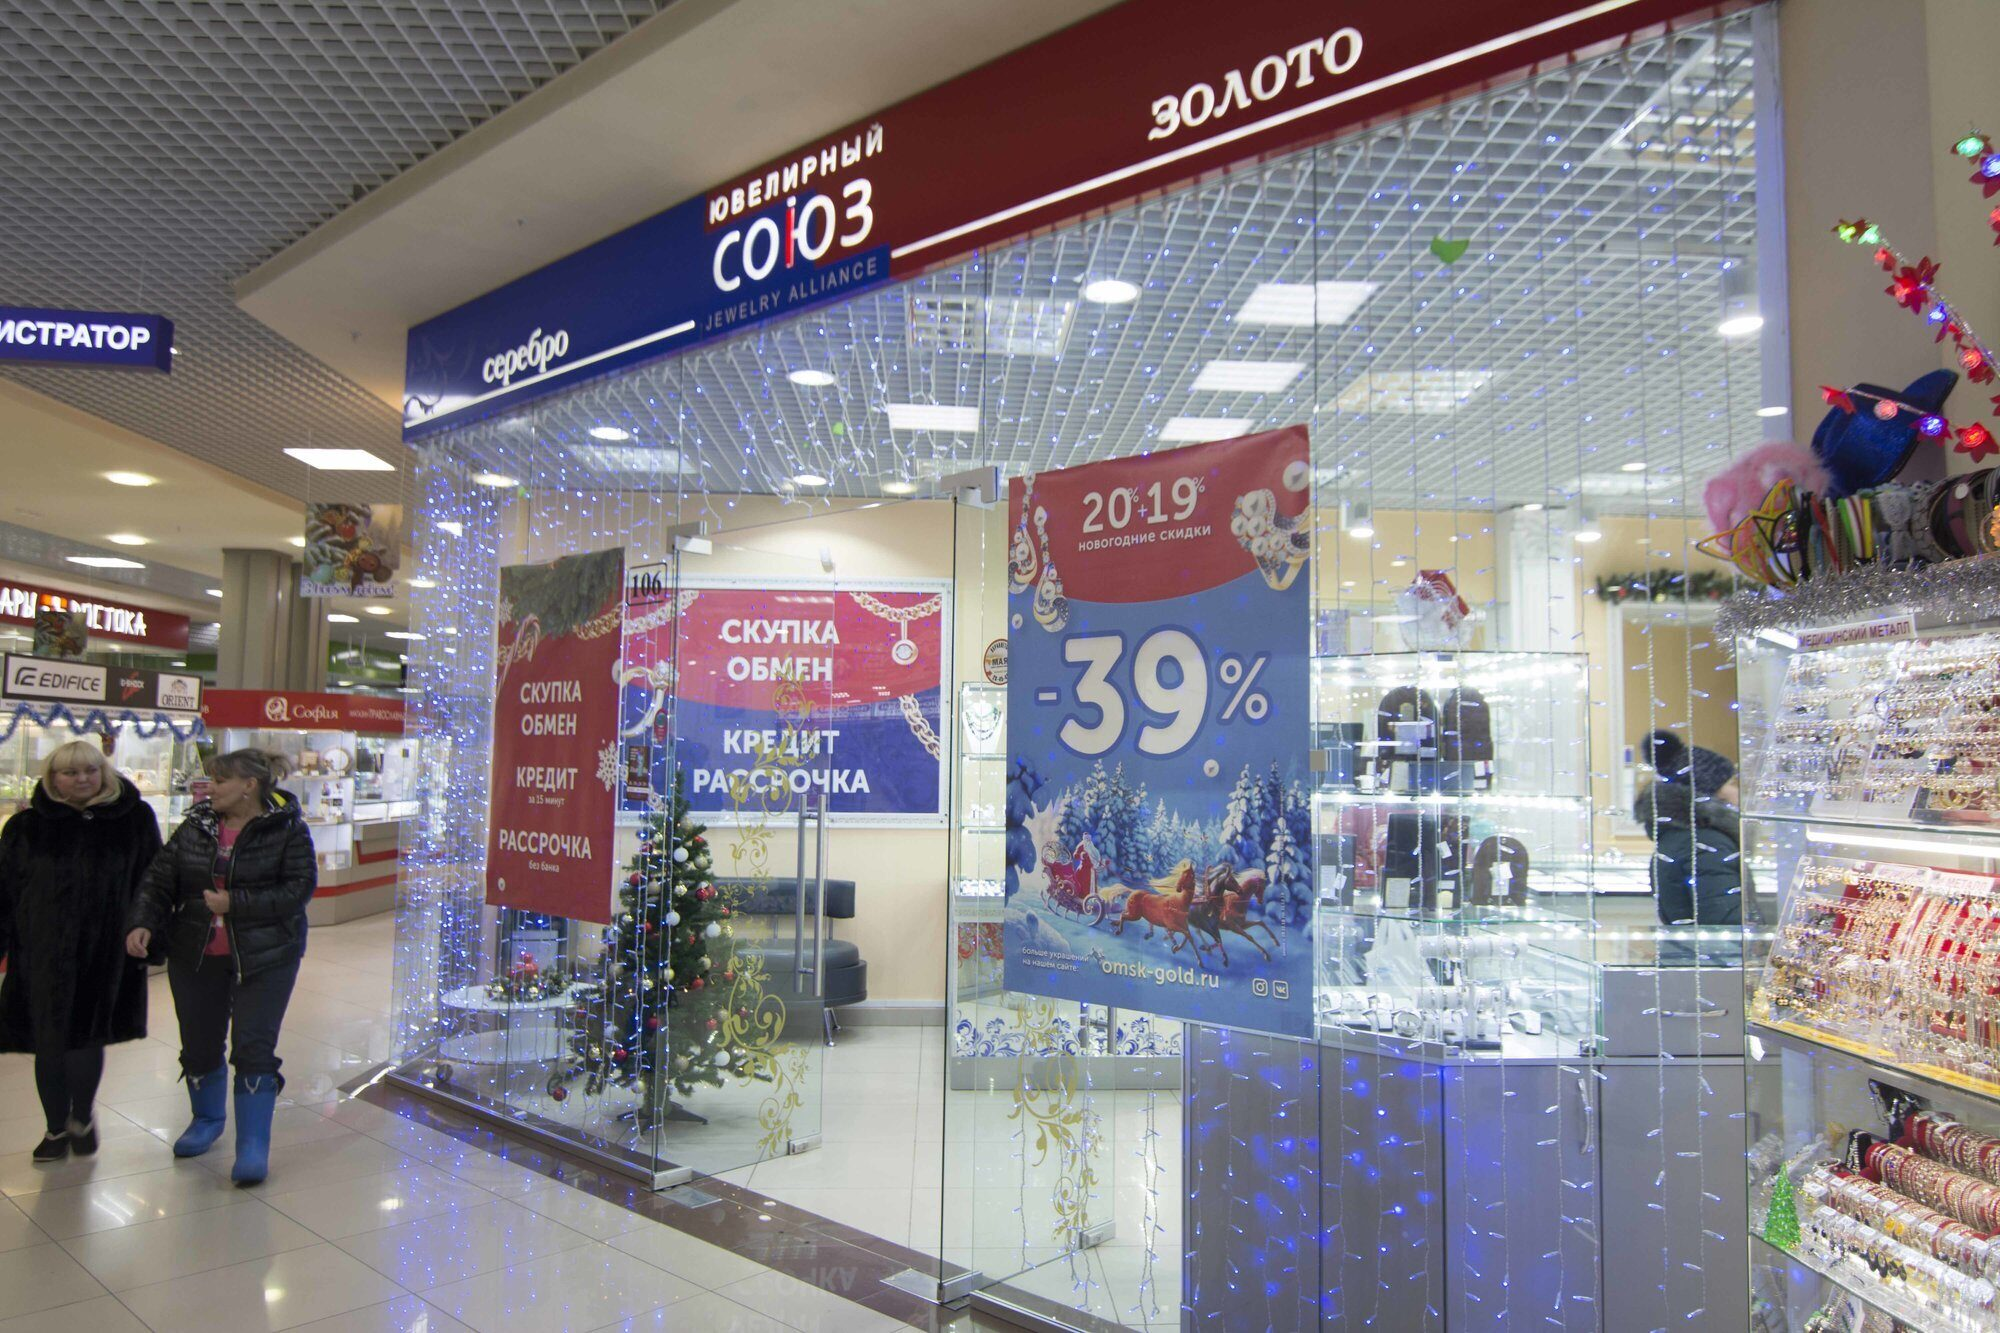 cb784af24254 Акции и новости - Торгово-развлекательный комплекс - Маяк Молл